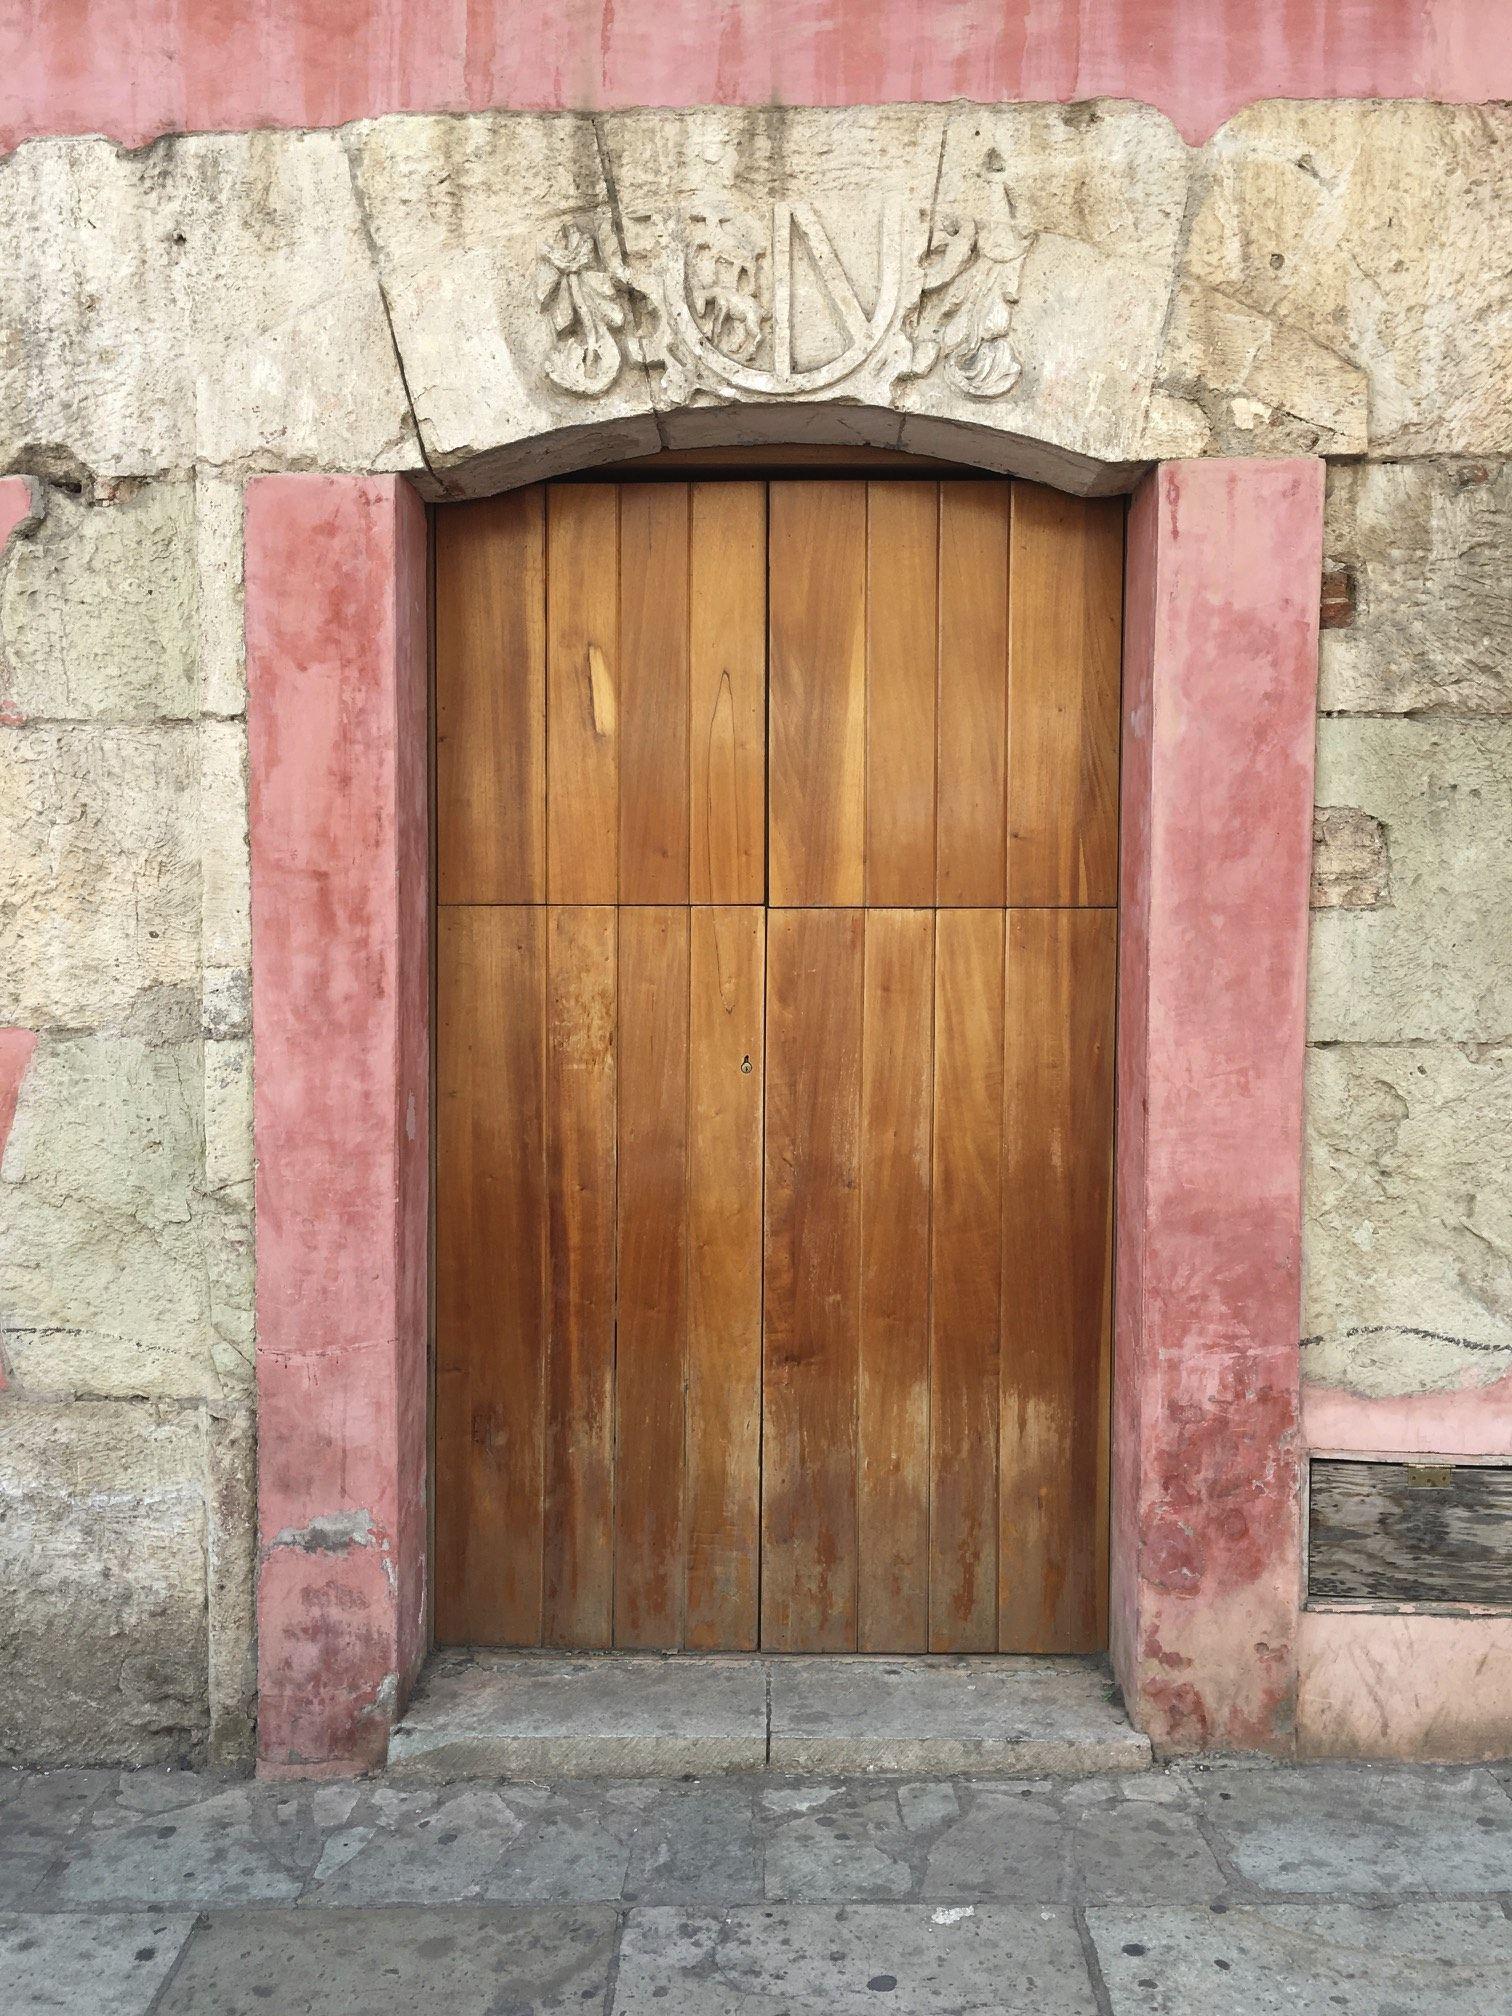 inspired #travel doors